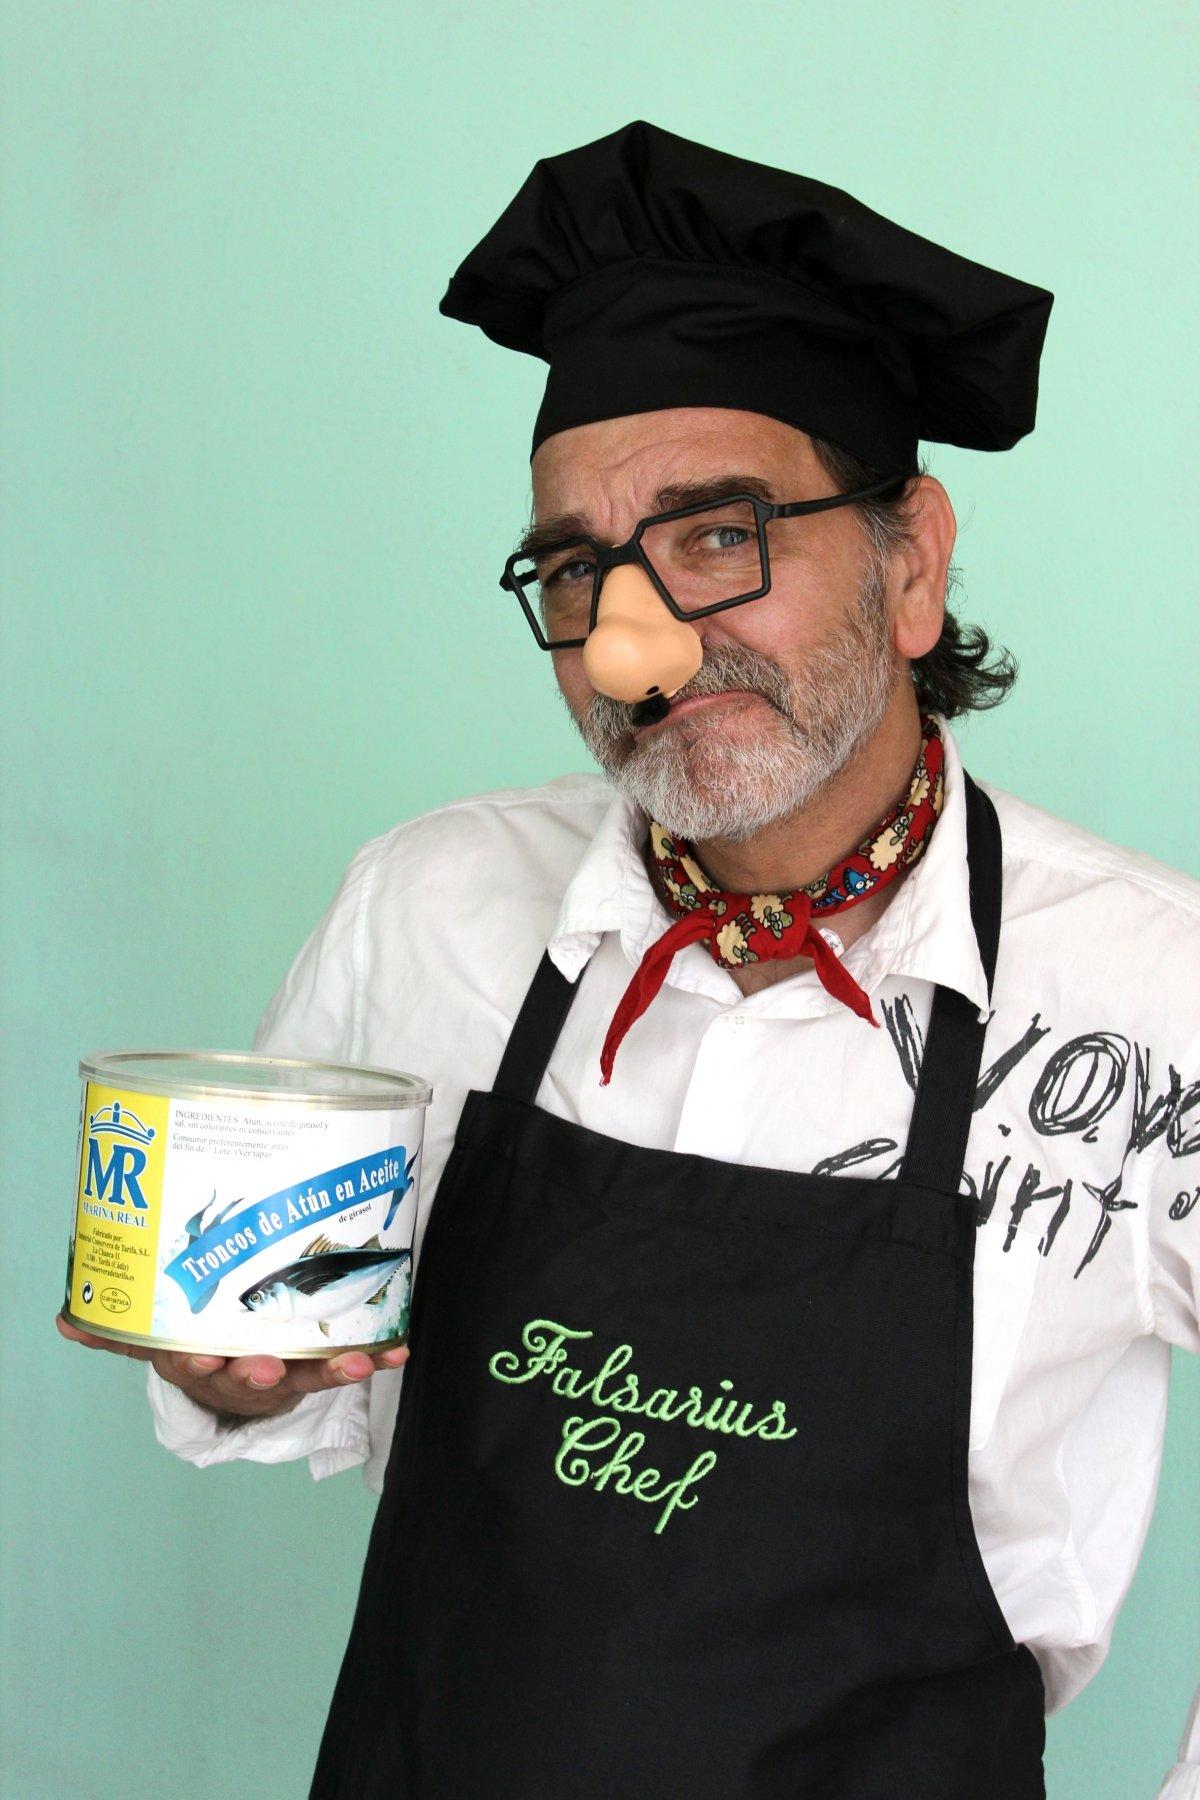 Falsarius Chef, Nacho Moreno, con una gran lata de conserva